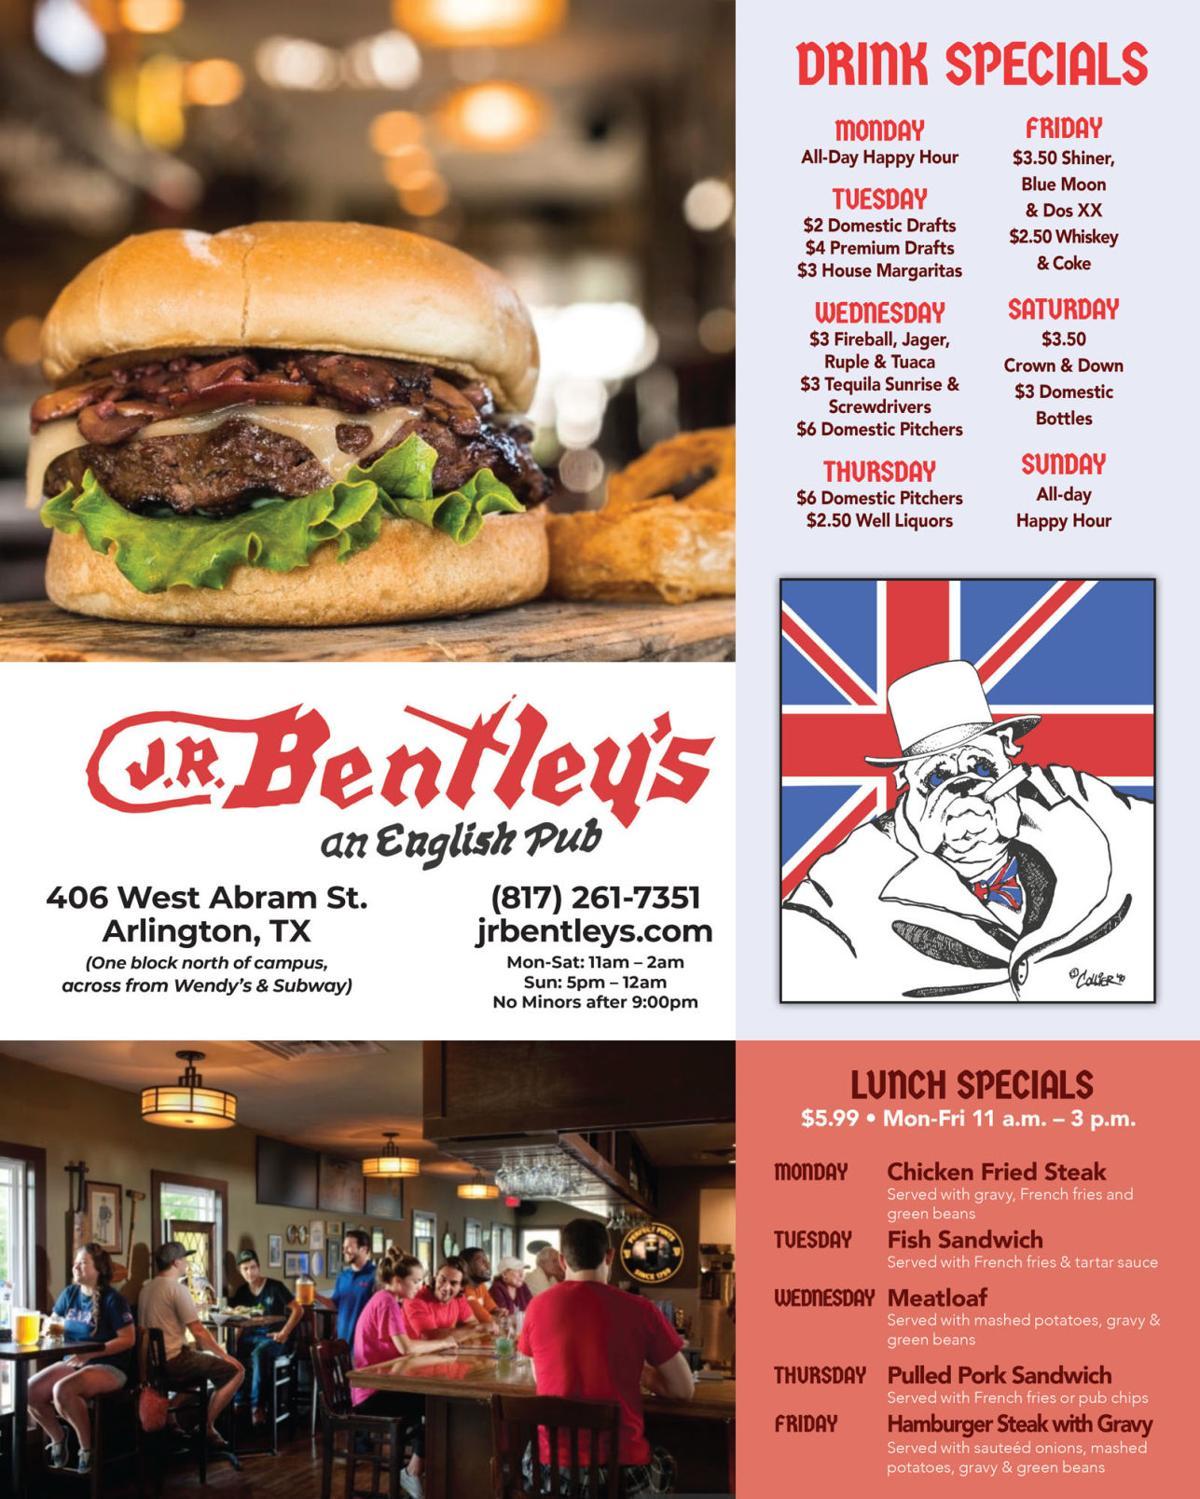 J.R. Bentley's